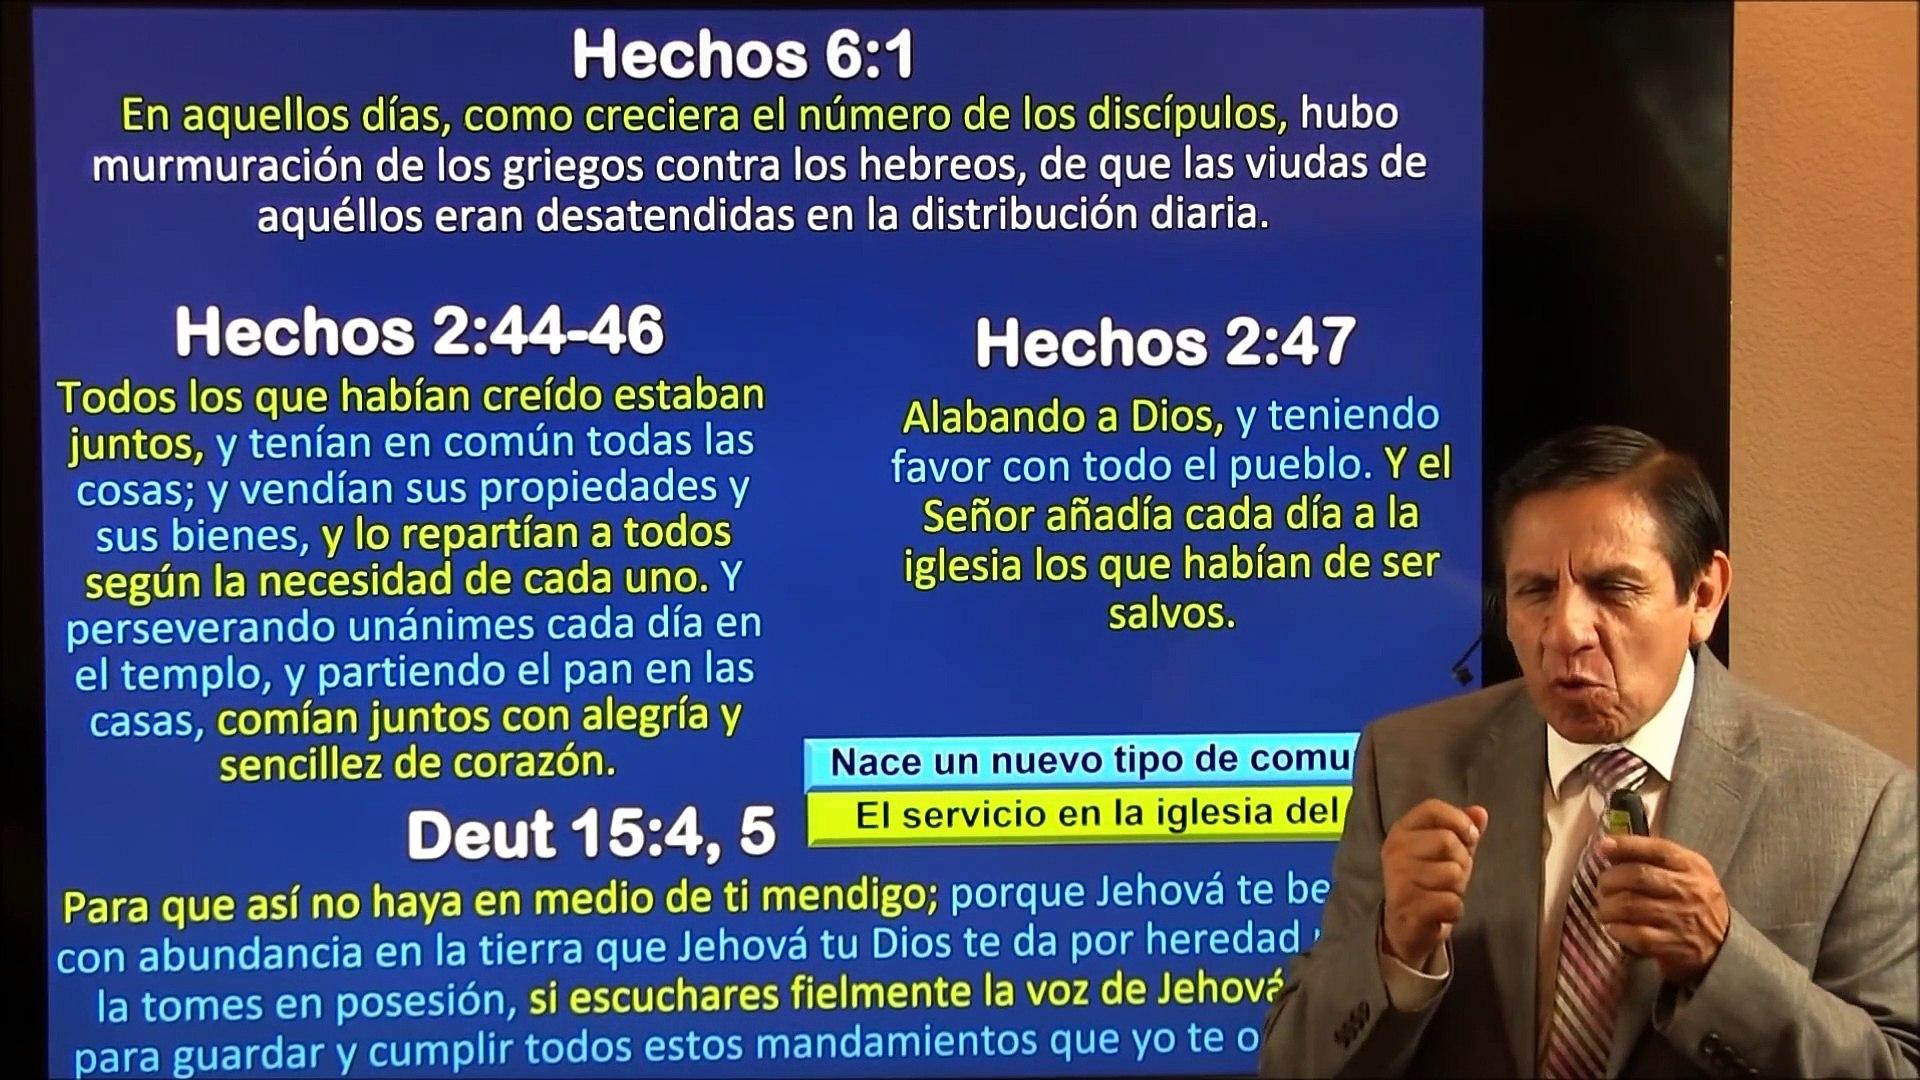 Lección 9: El servicio en la iglesia del Nuevo Testamento - Escuela sabatica 2000